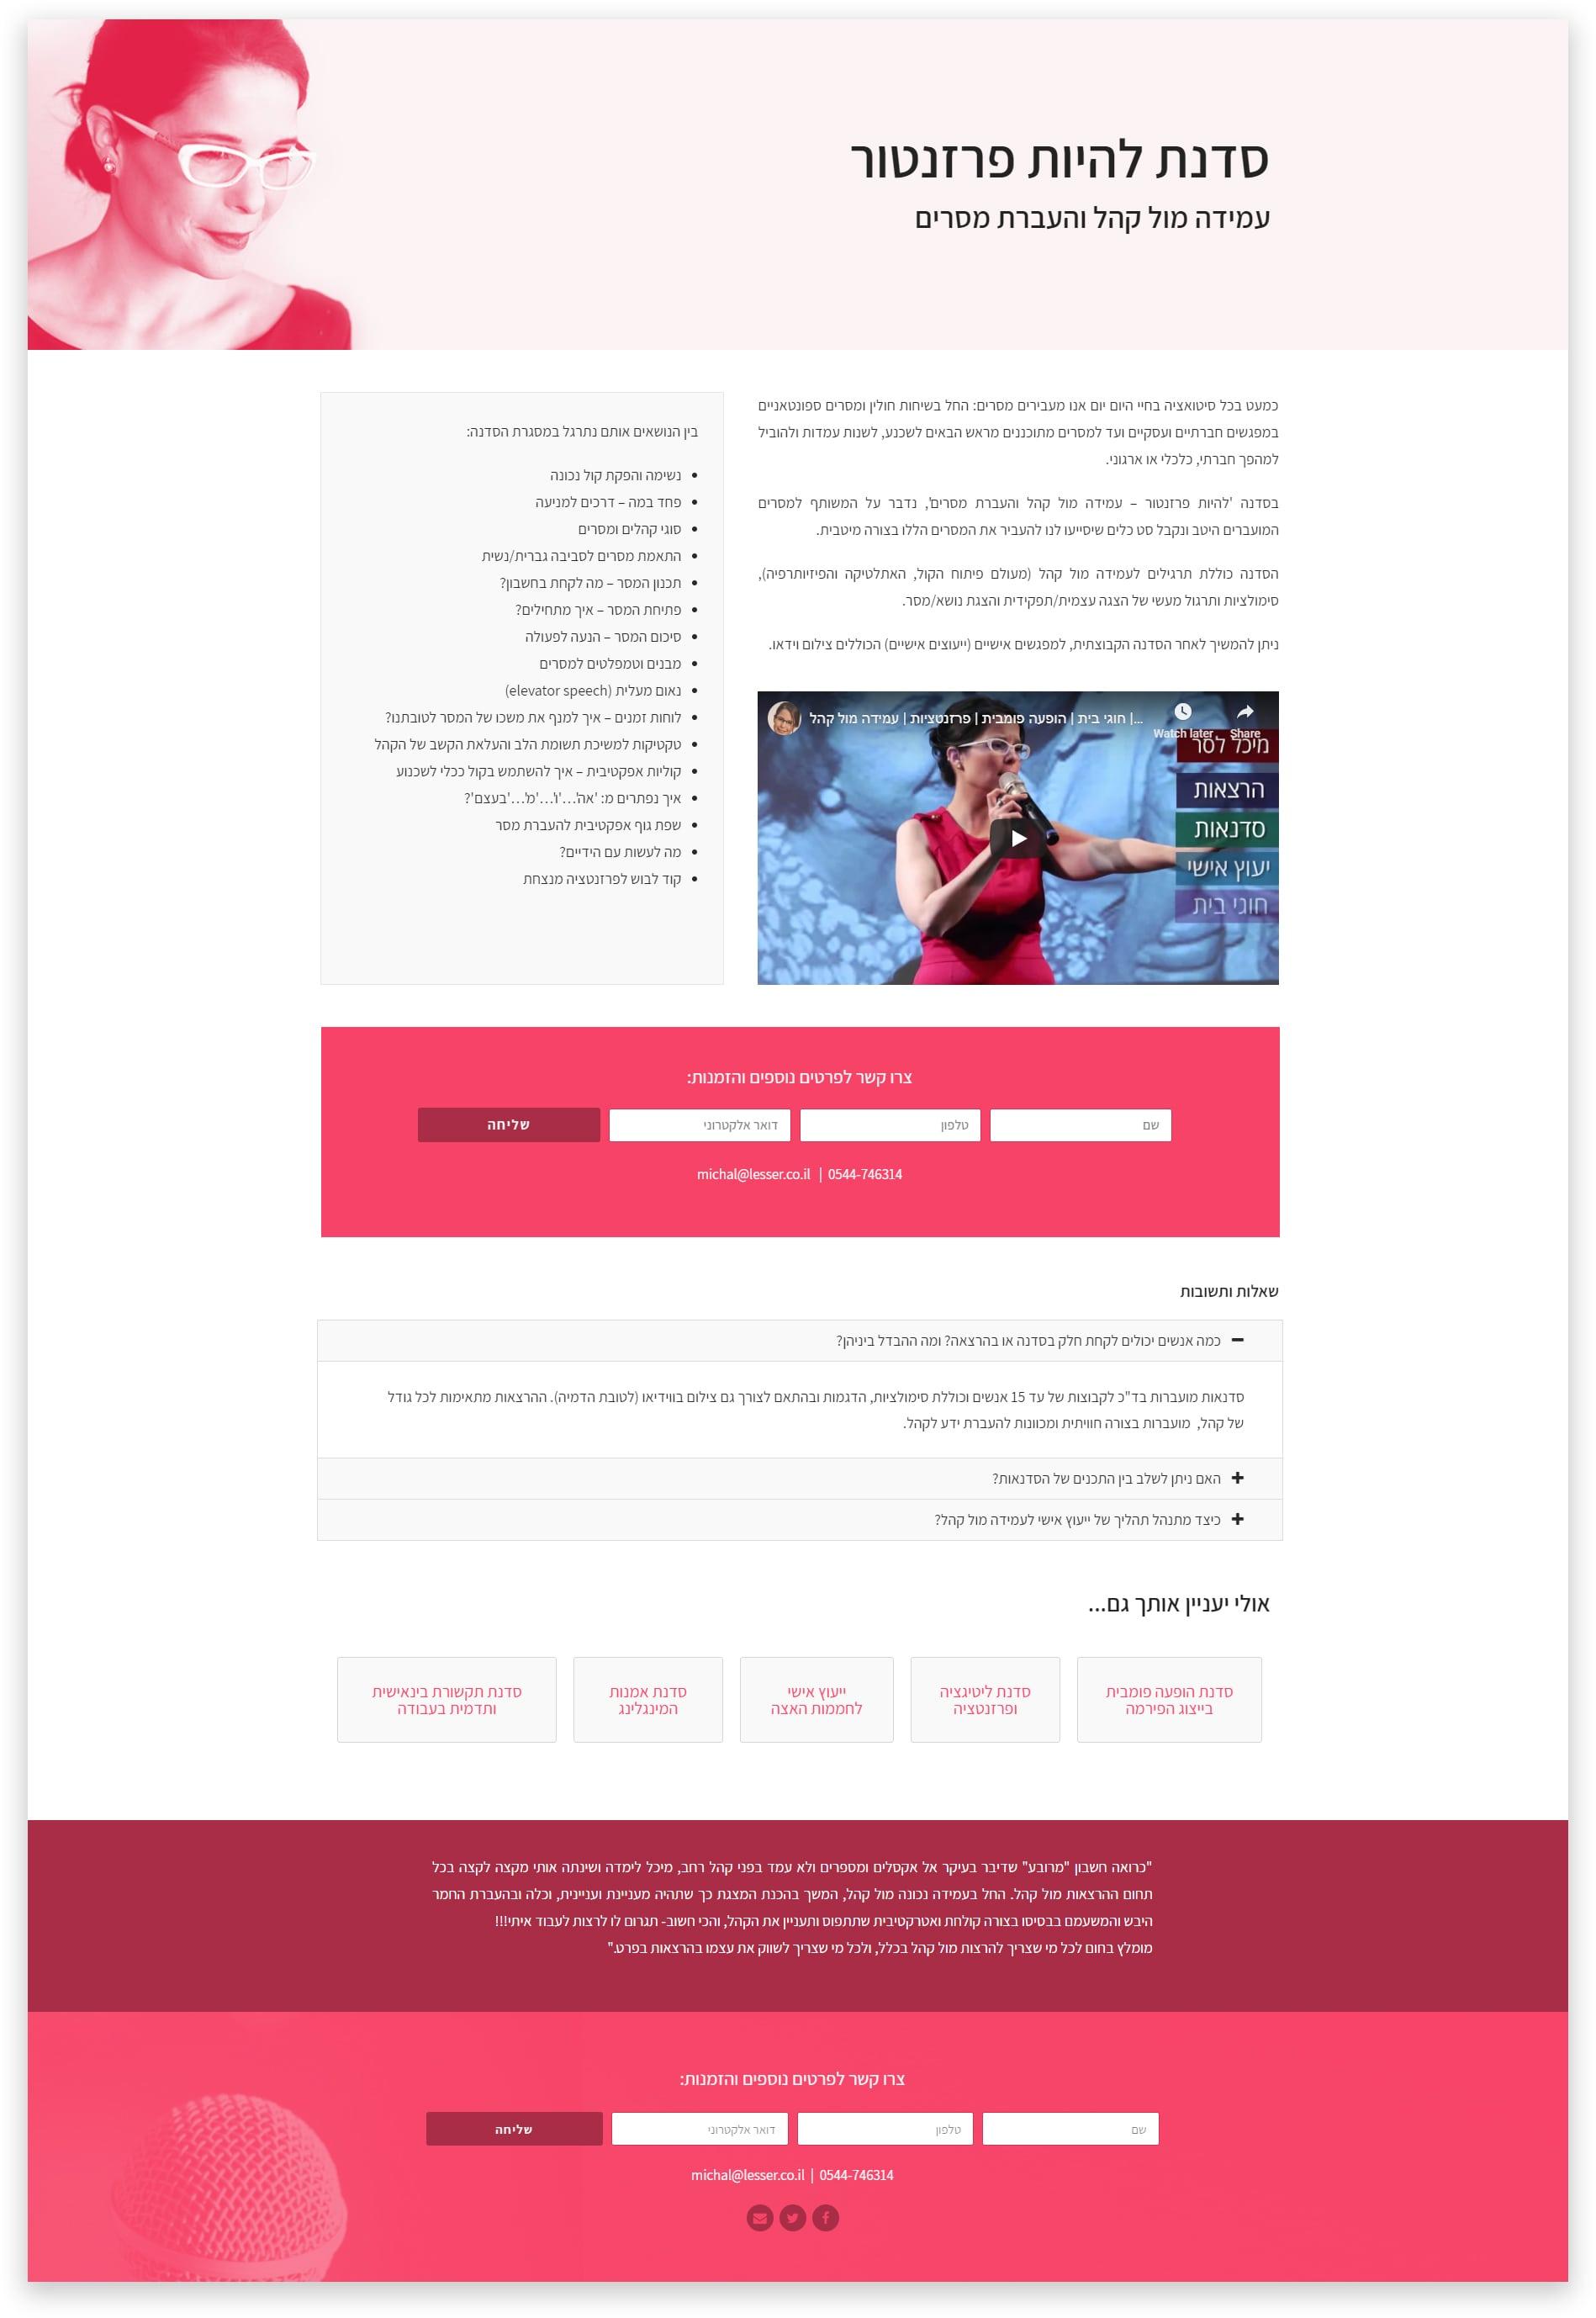 אתר תדמית עבור מיכל לסר מומחית להופעה פומבית אתר תדמית (2)